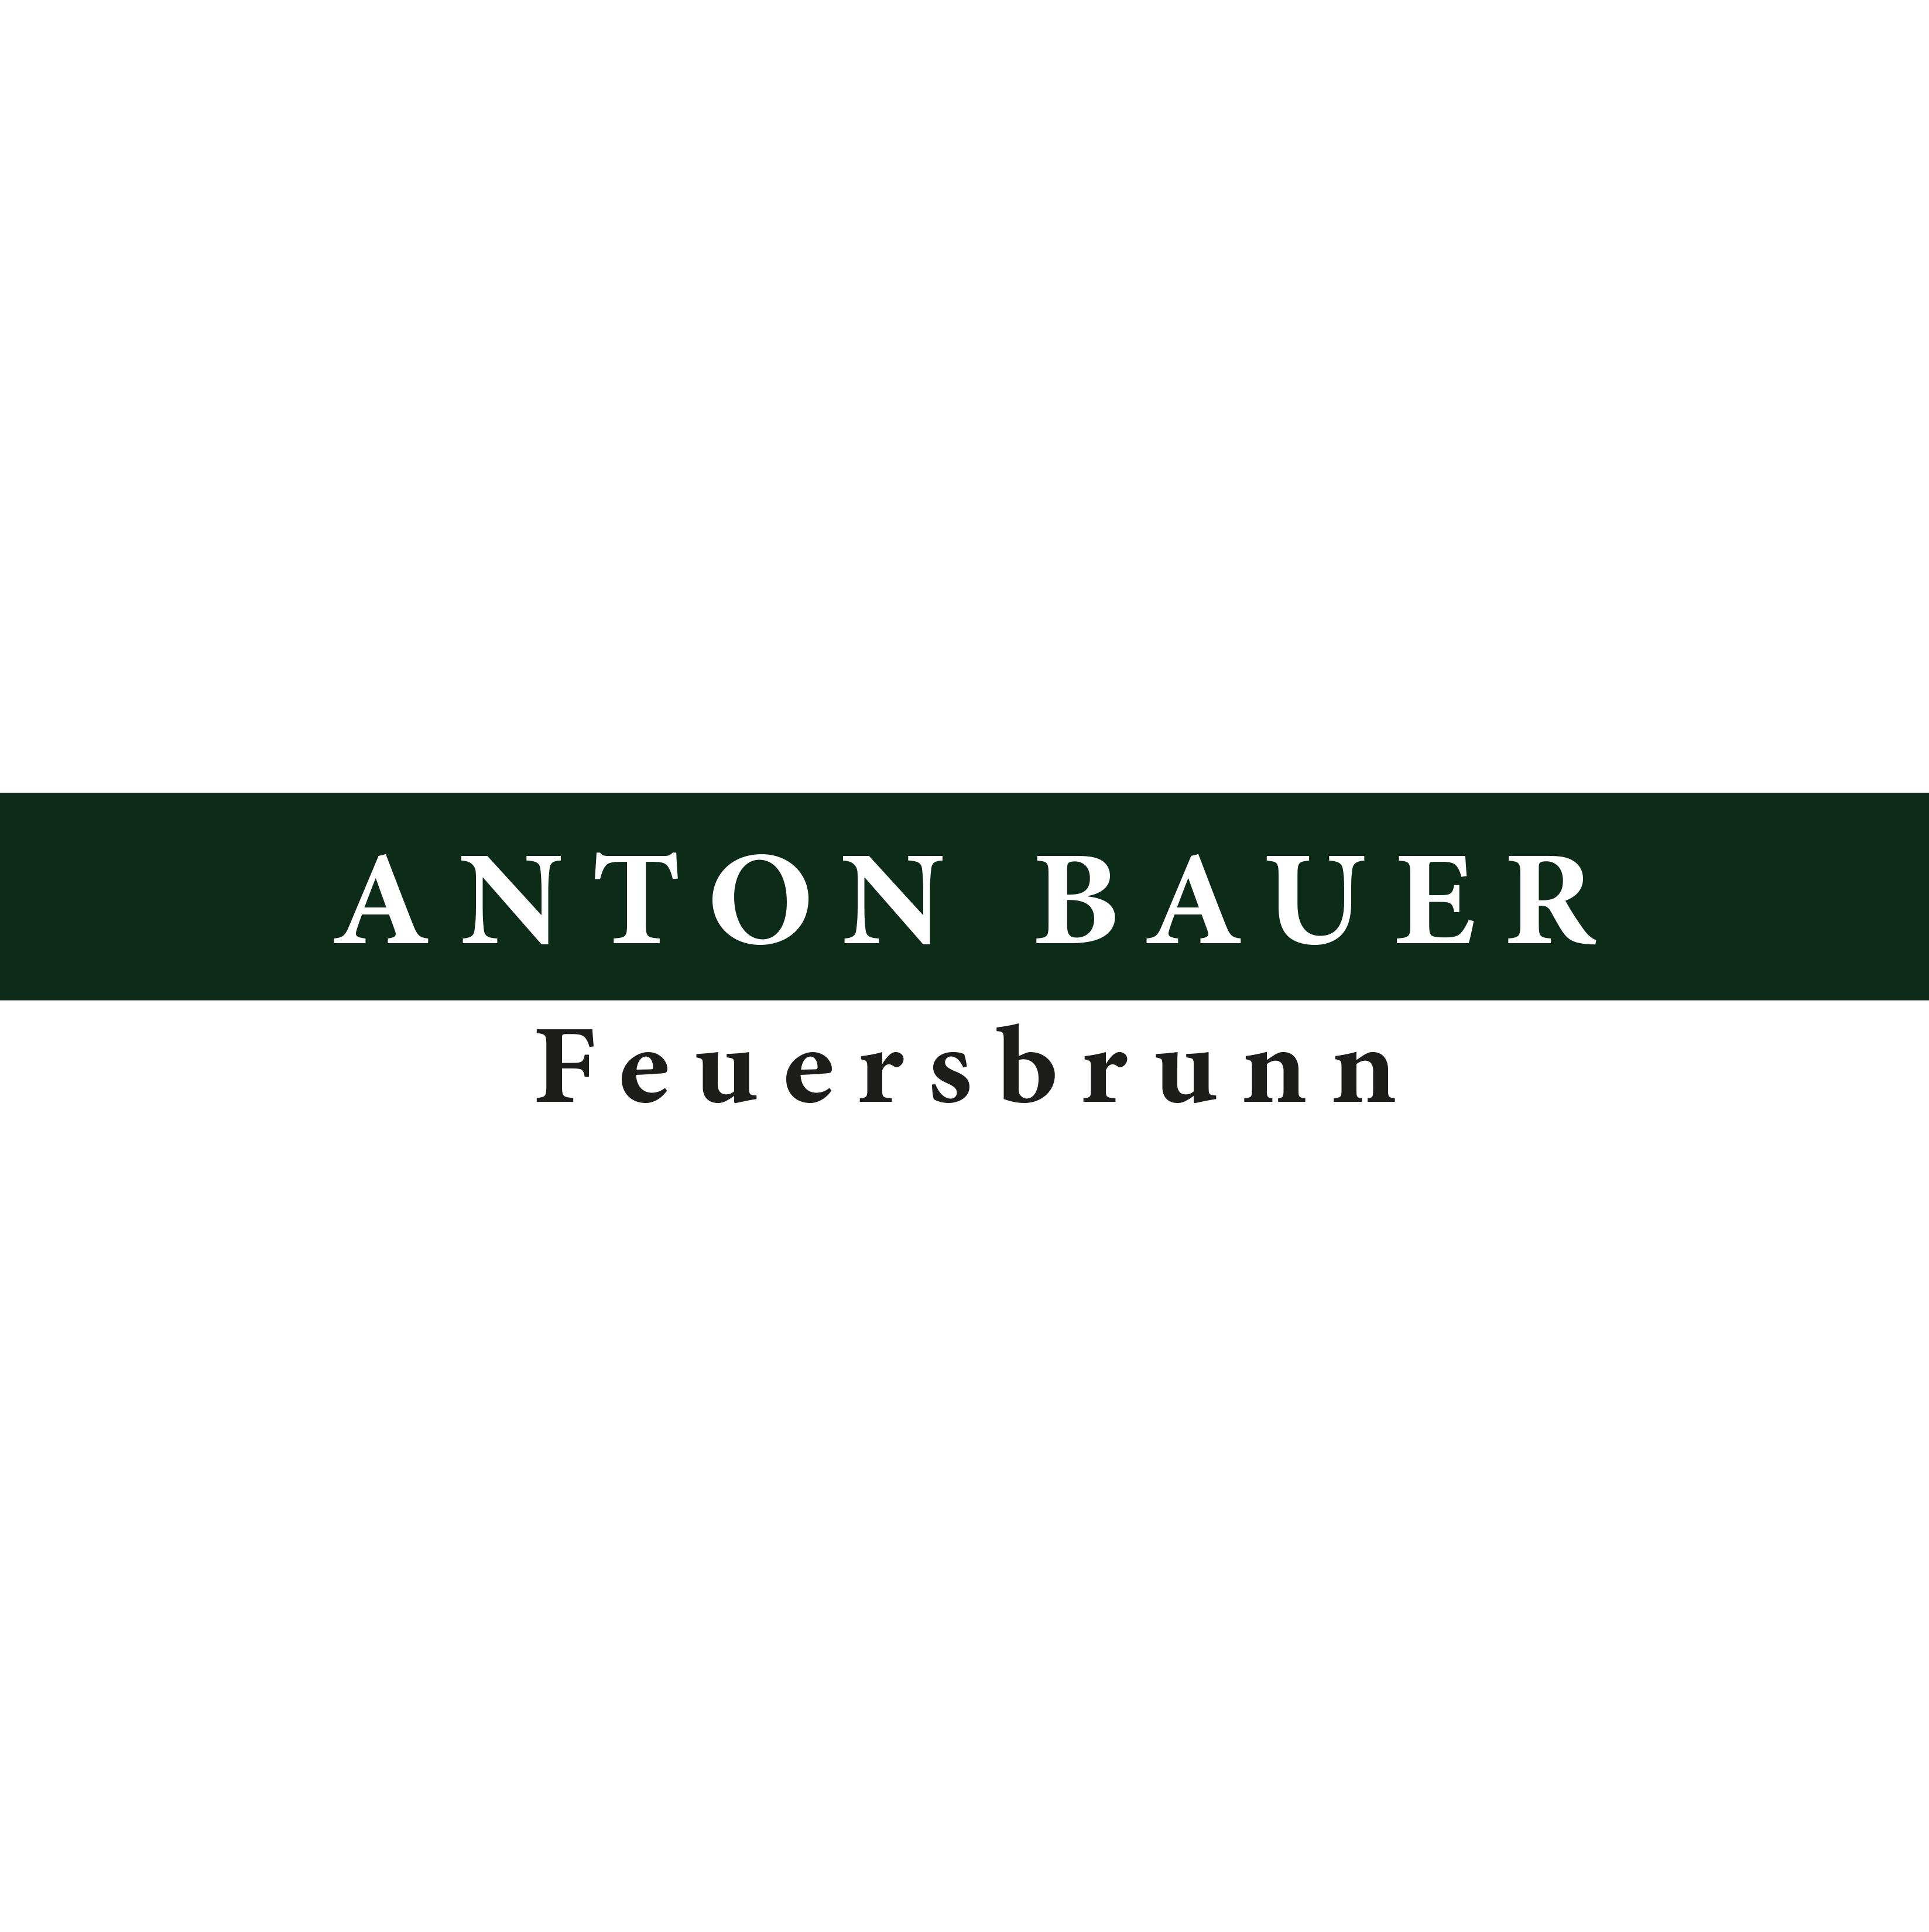 Bauer Anton-Cuvée - Ried Wagram, 2000 - 1,5 l